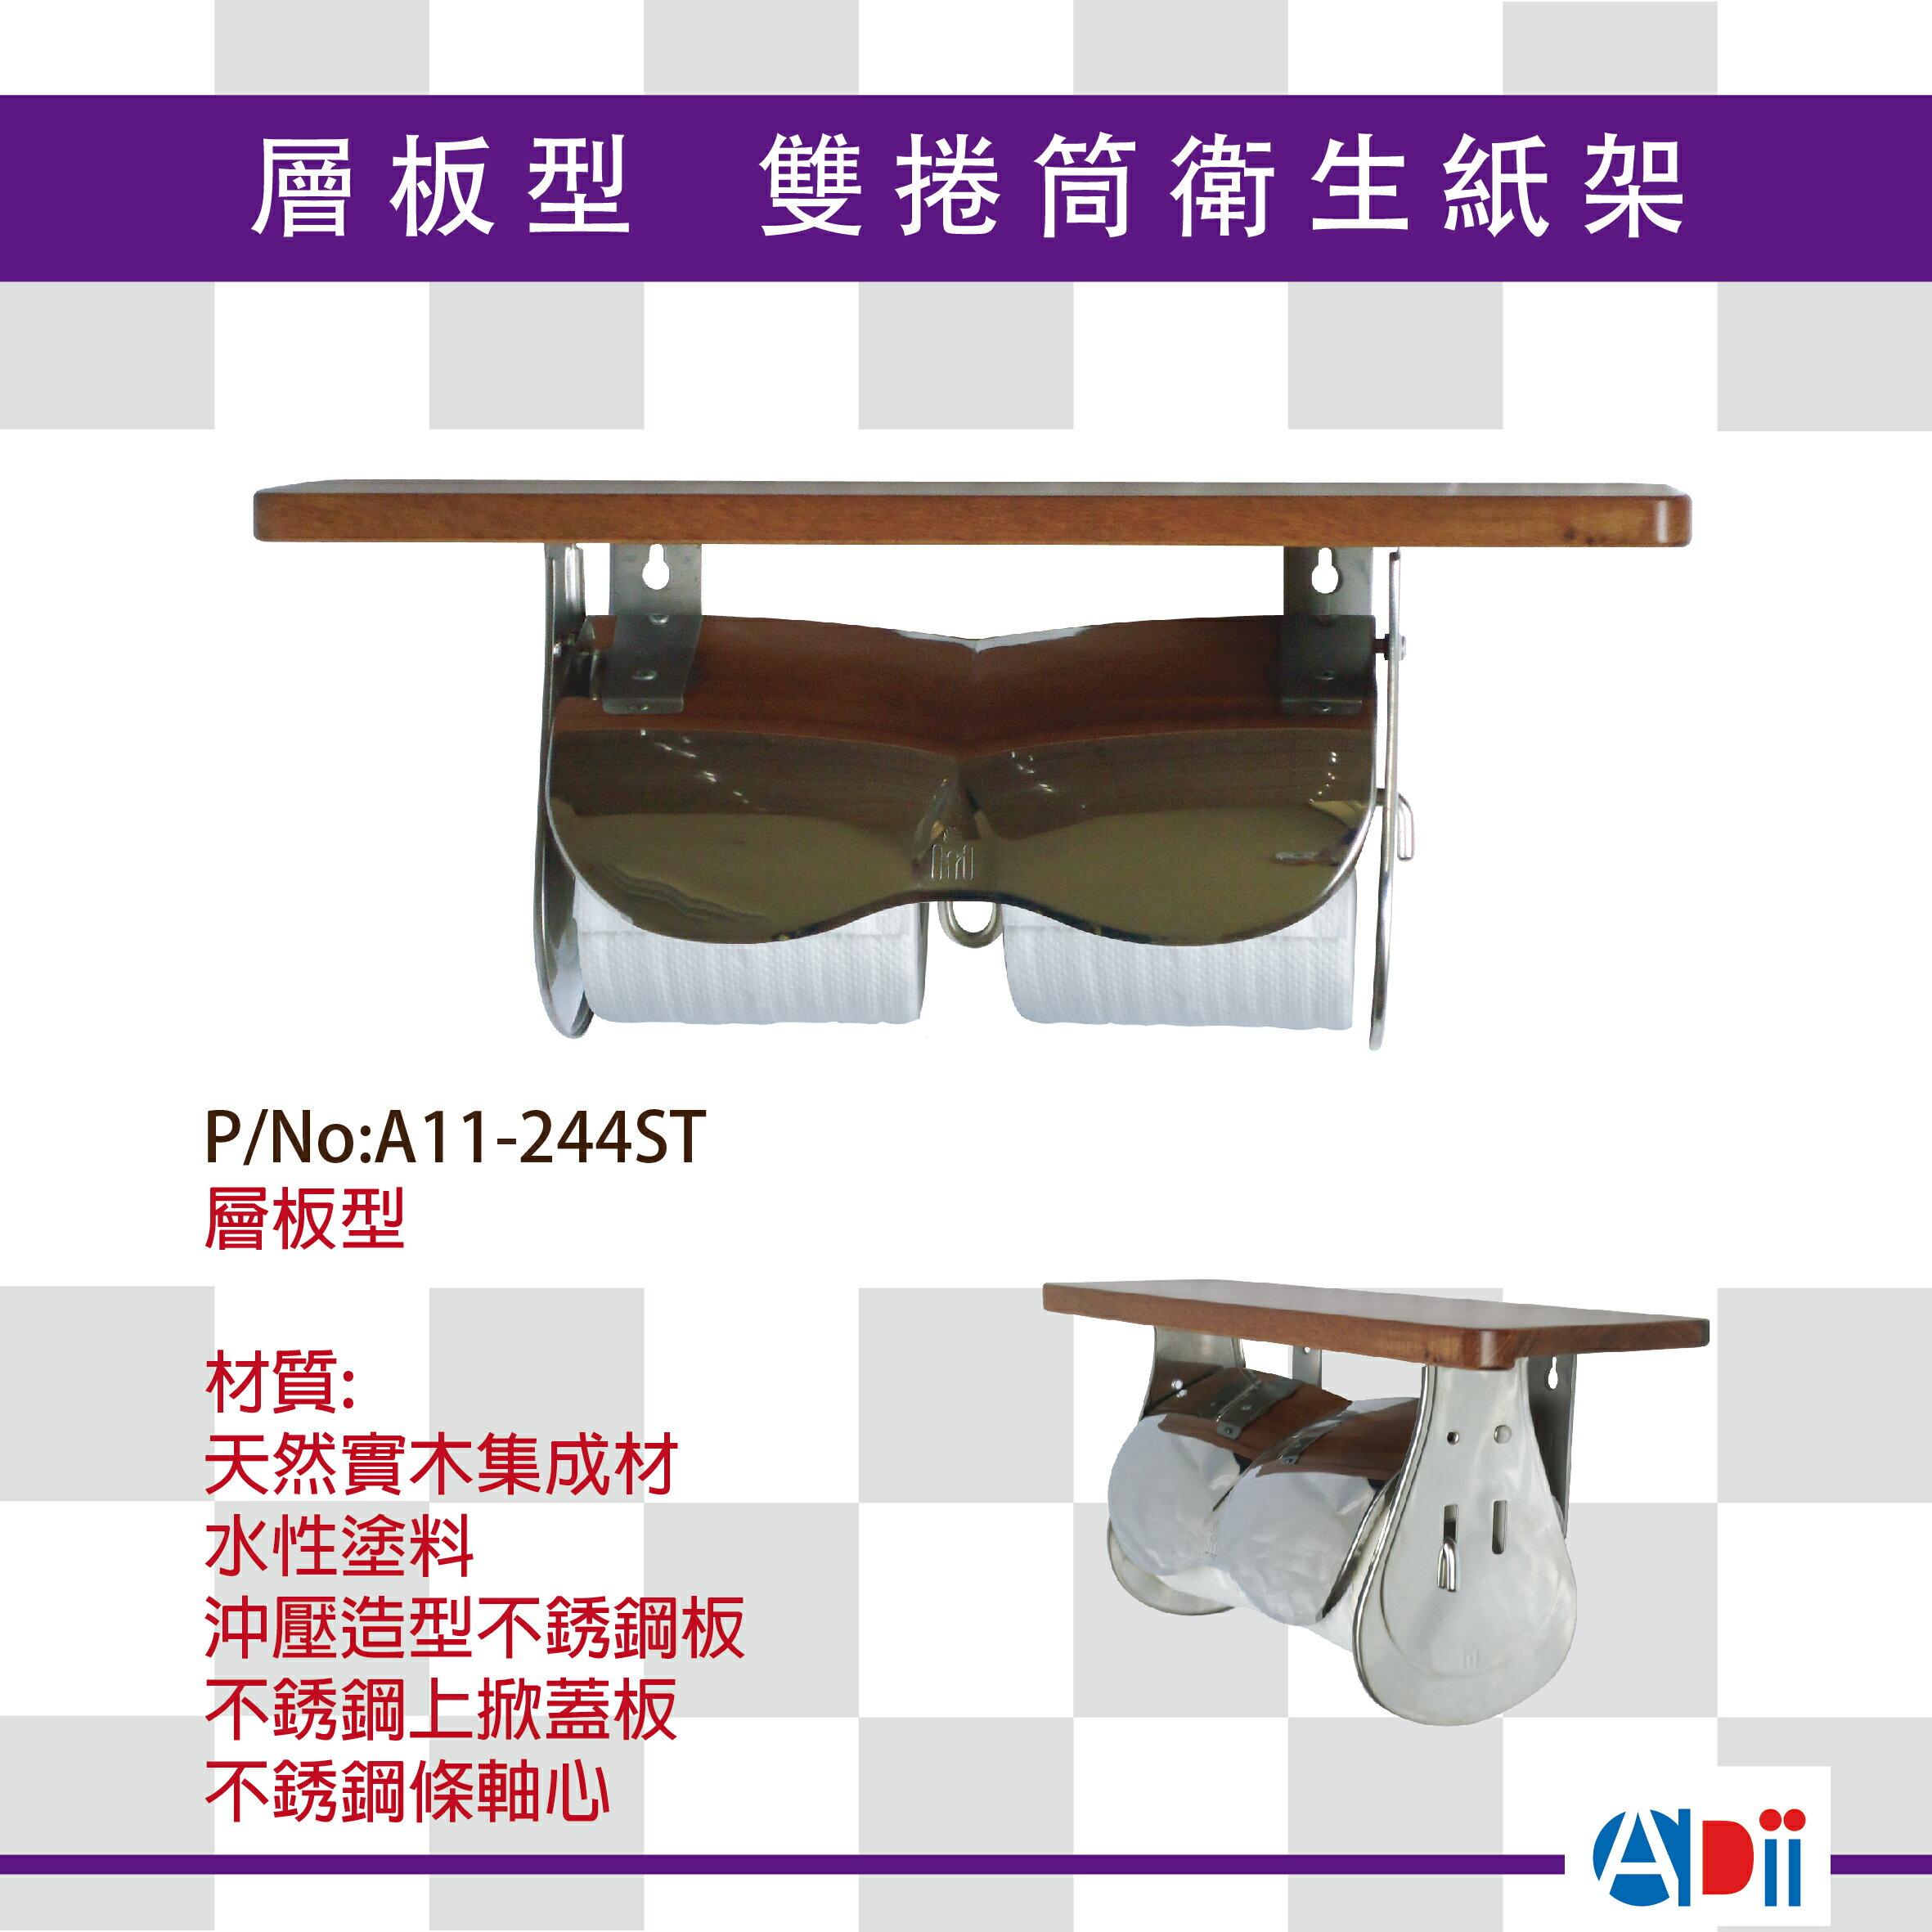 【美天樂】收納層板型 不銹鋼固定架 衛浴附蓋板雙捲筒衛生紙架